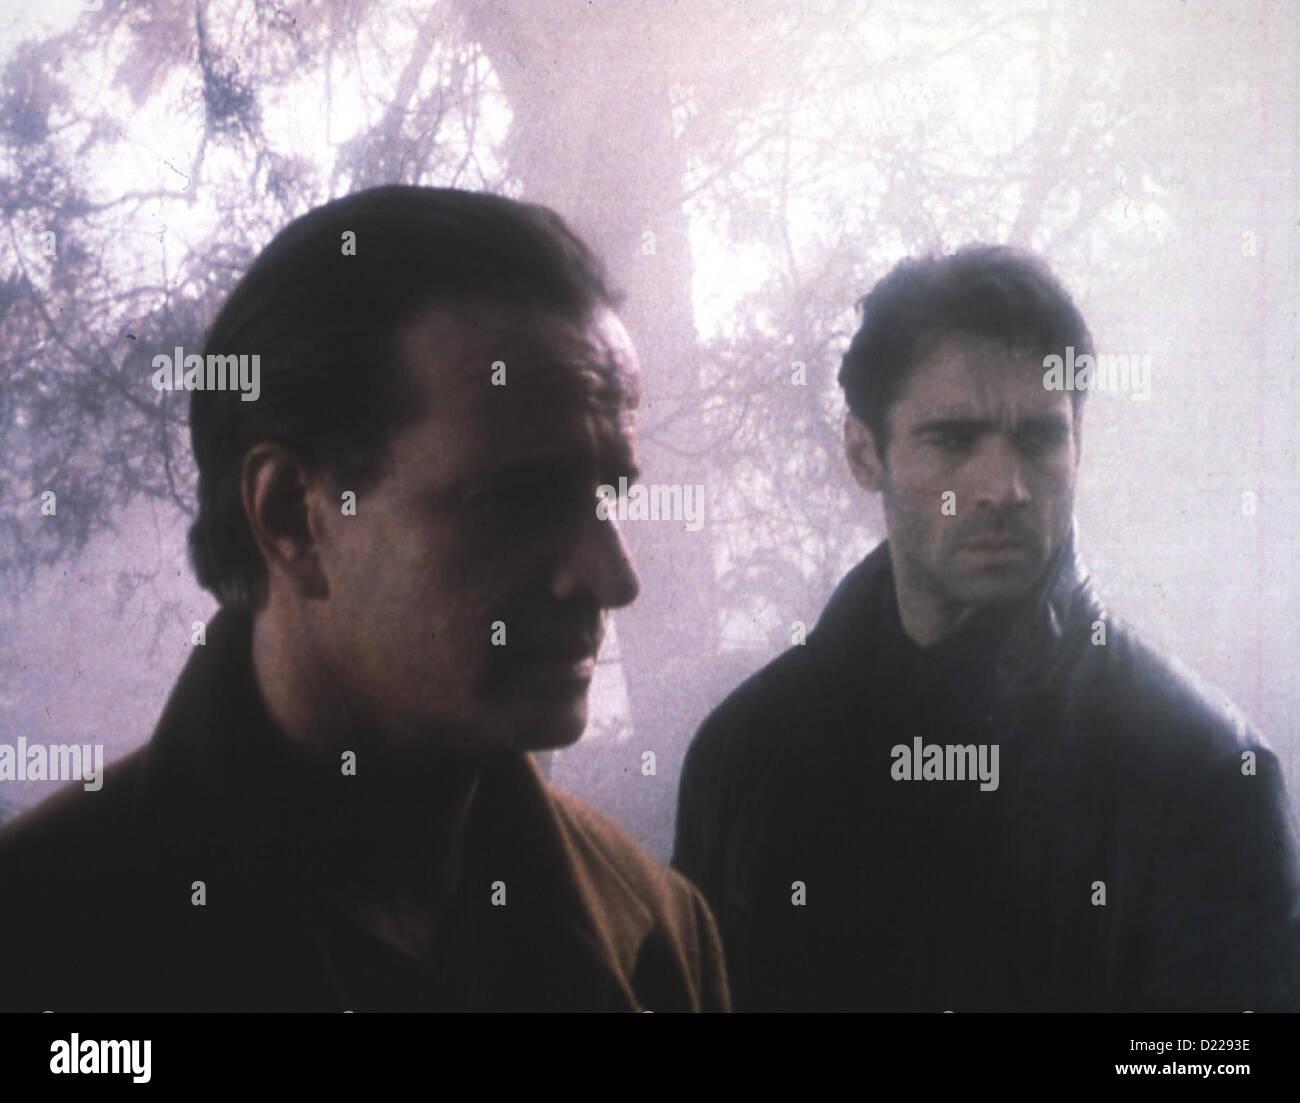 Highlander: Endgame   Highlander: Endgame   Christopher Lambert, Adrian Paul *** Local Caption *** 2000  Highlight - Stock Image